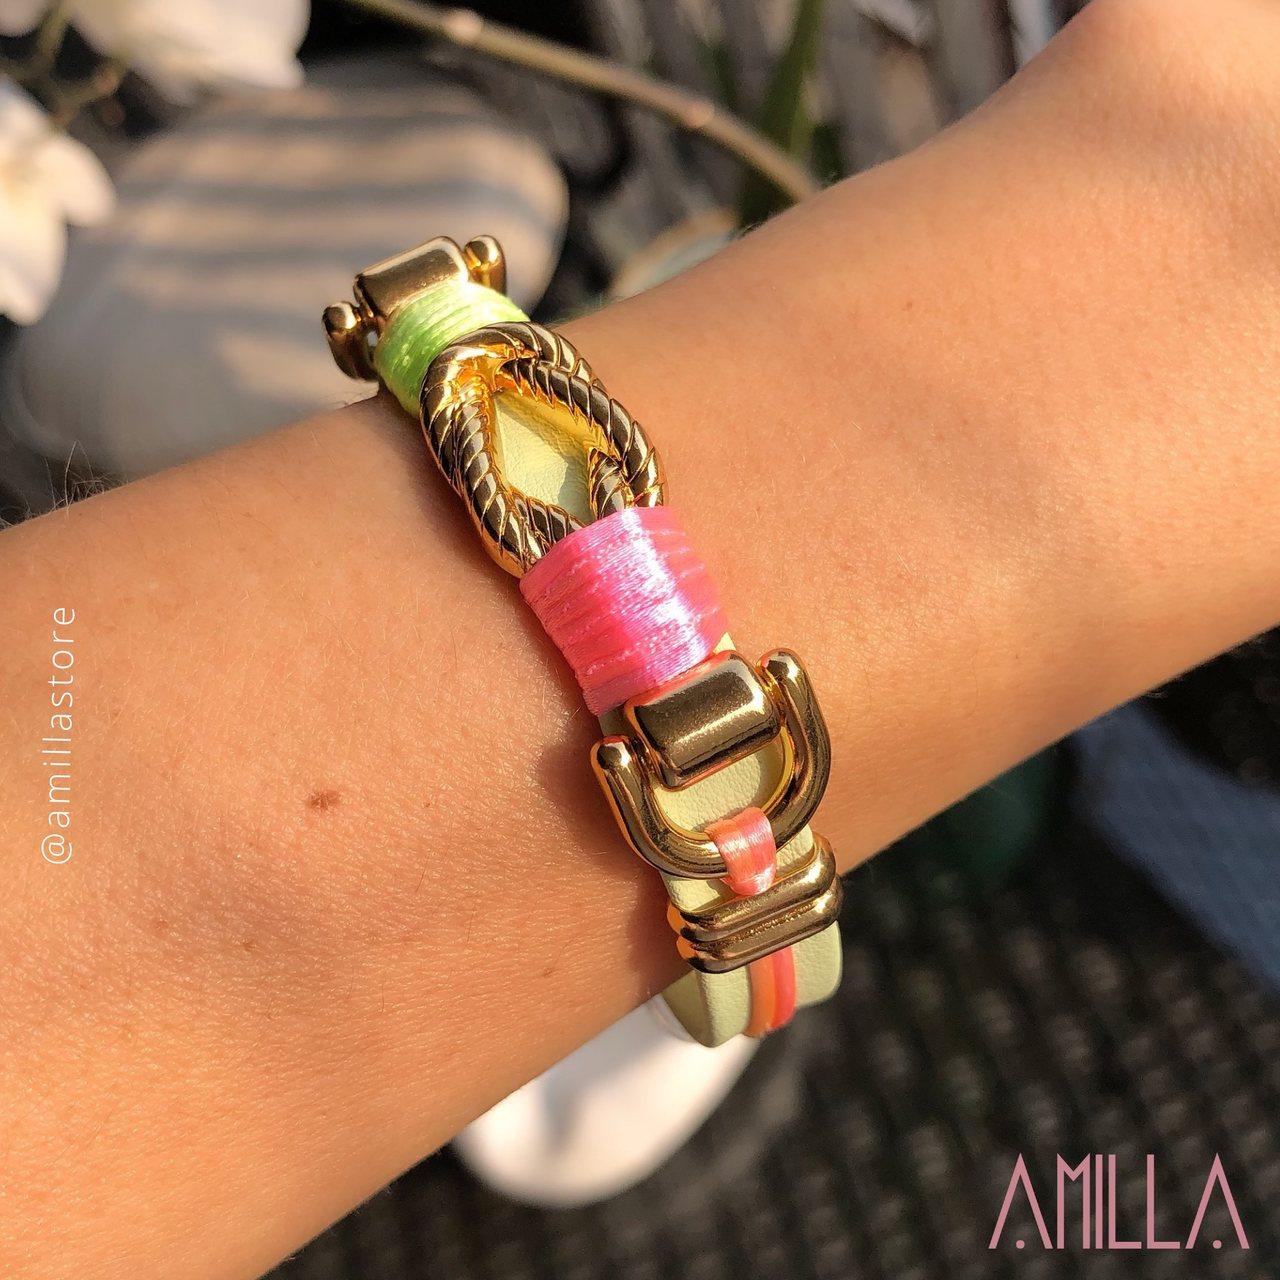 Pulseira Couro Cor Menta, tecido Rosa e Verde Candy Colors Detalhe Trançado Metal Banho Ouro